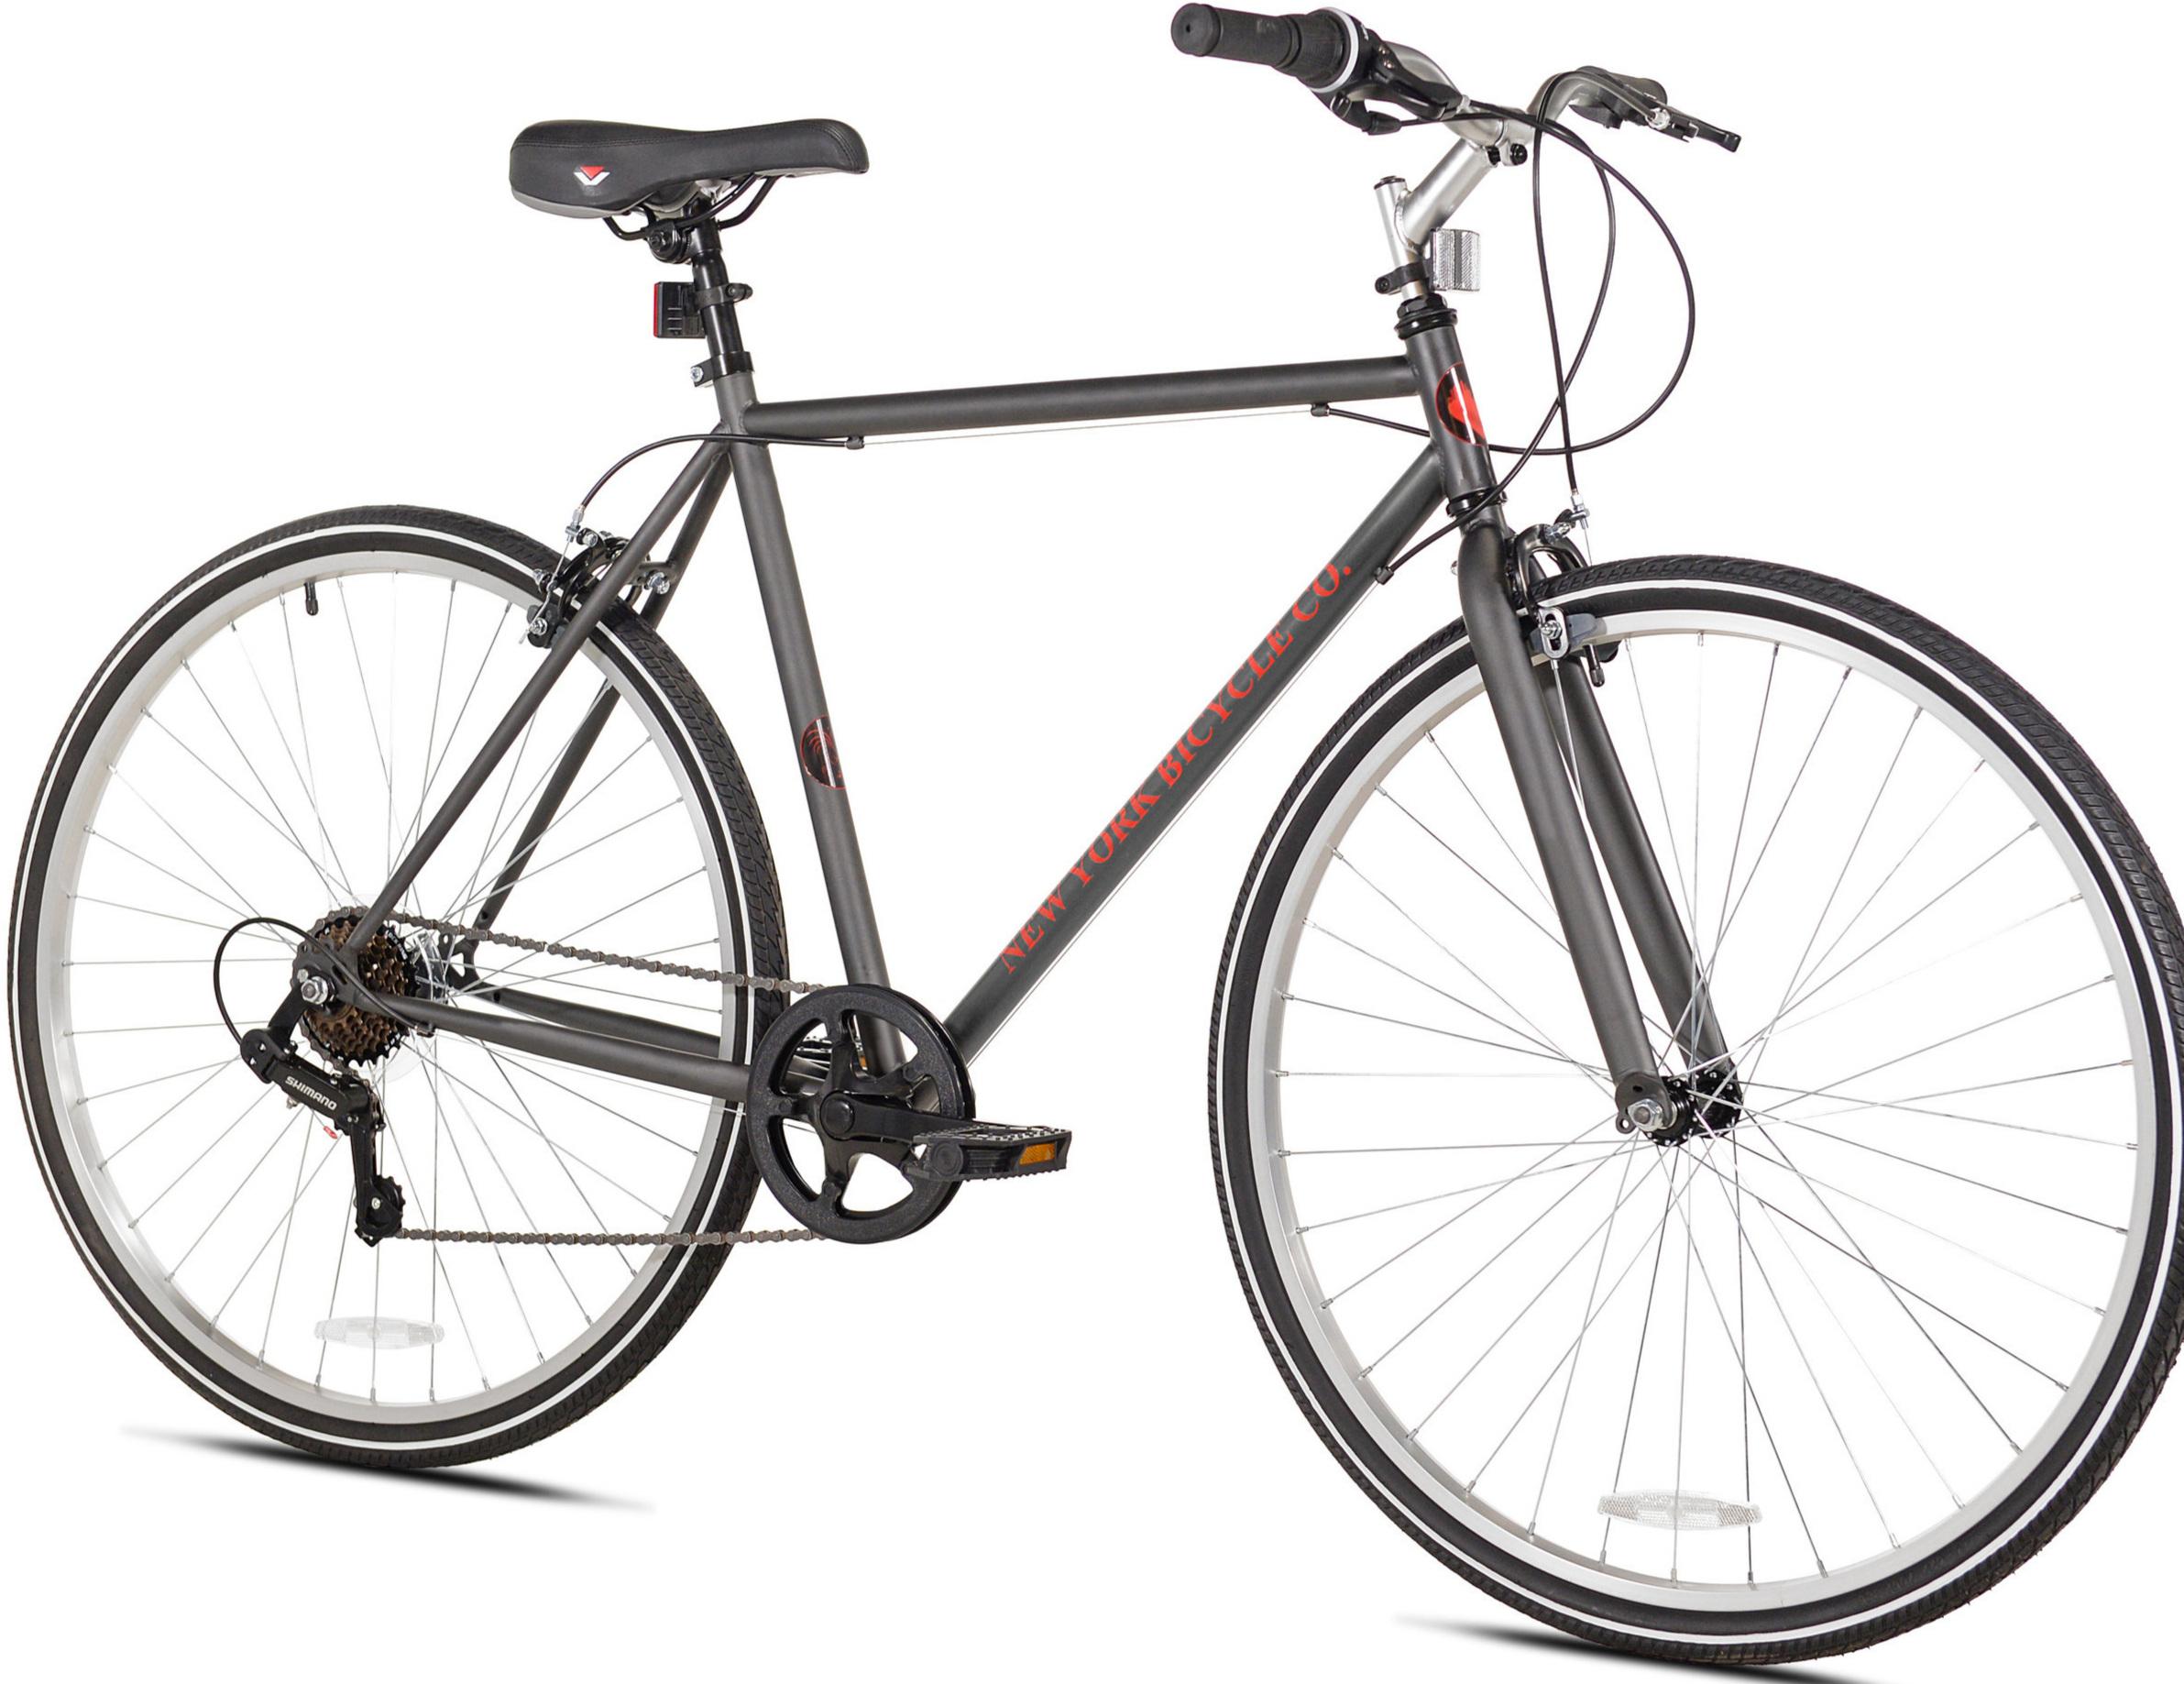 New York Bicycle Co U-1